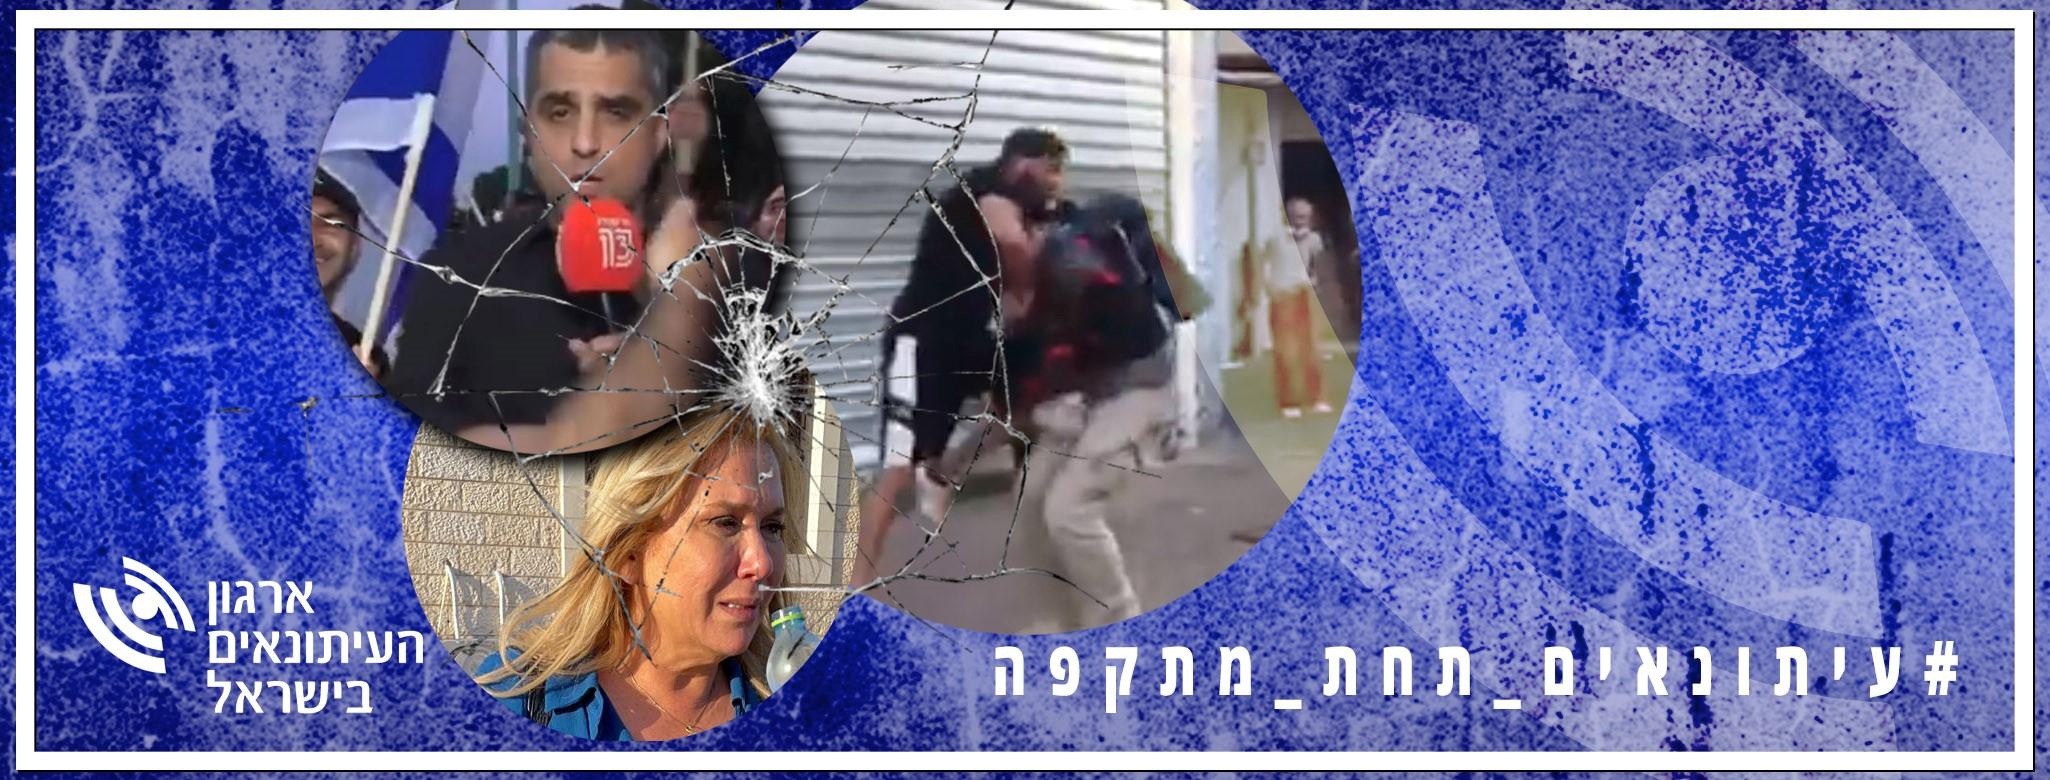 ארגון העיתונאים: עשרות אנשי תקשורת הותקפו מתחילת חודש מאי